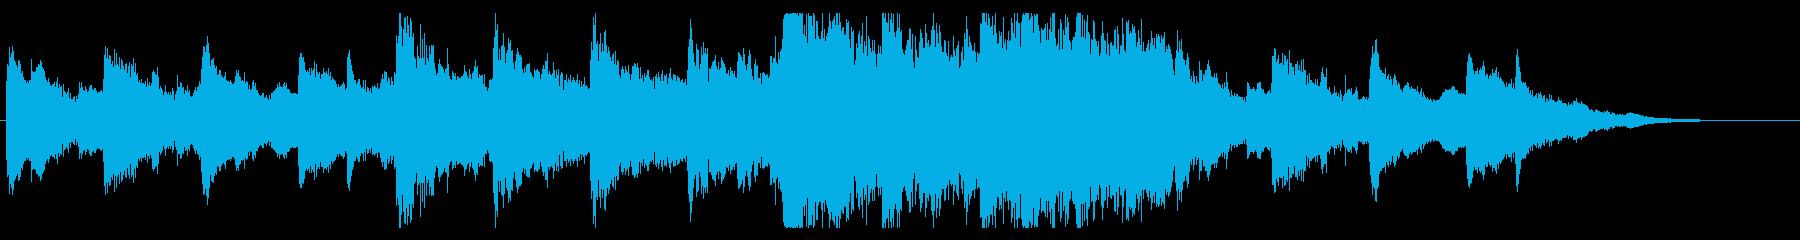 ラスボス戦でイベント中に流れる曲の再生済みの波形